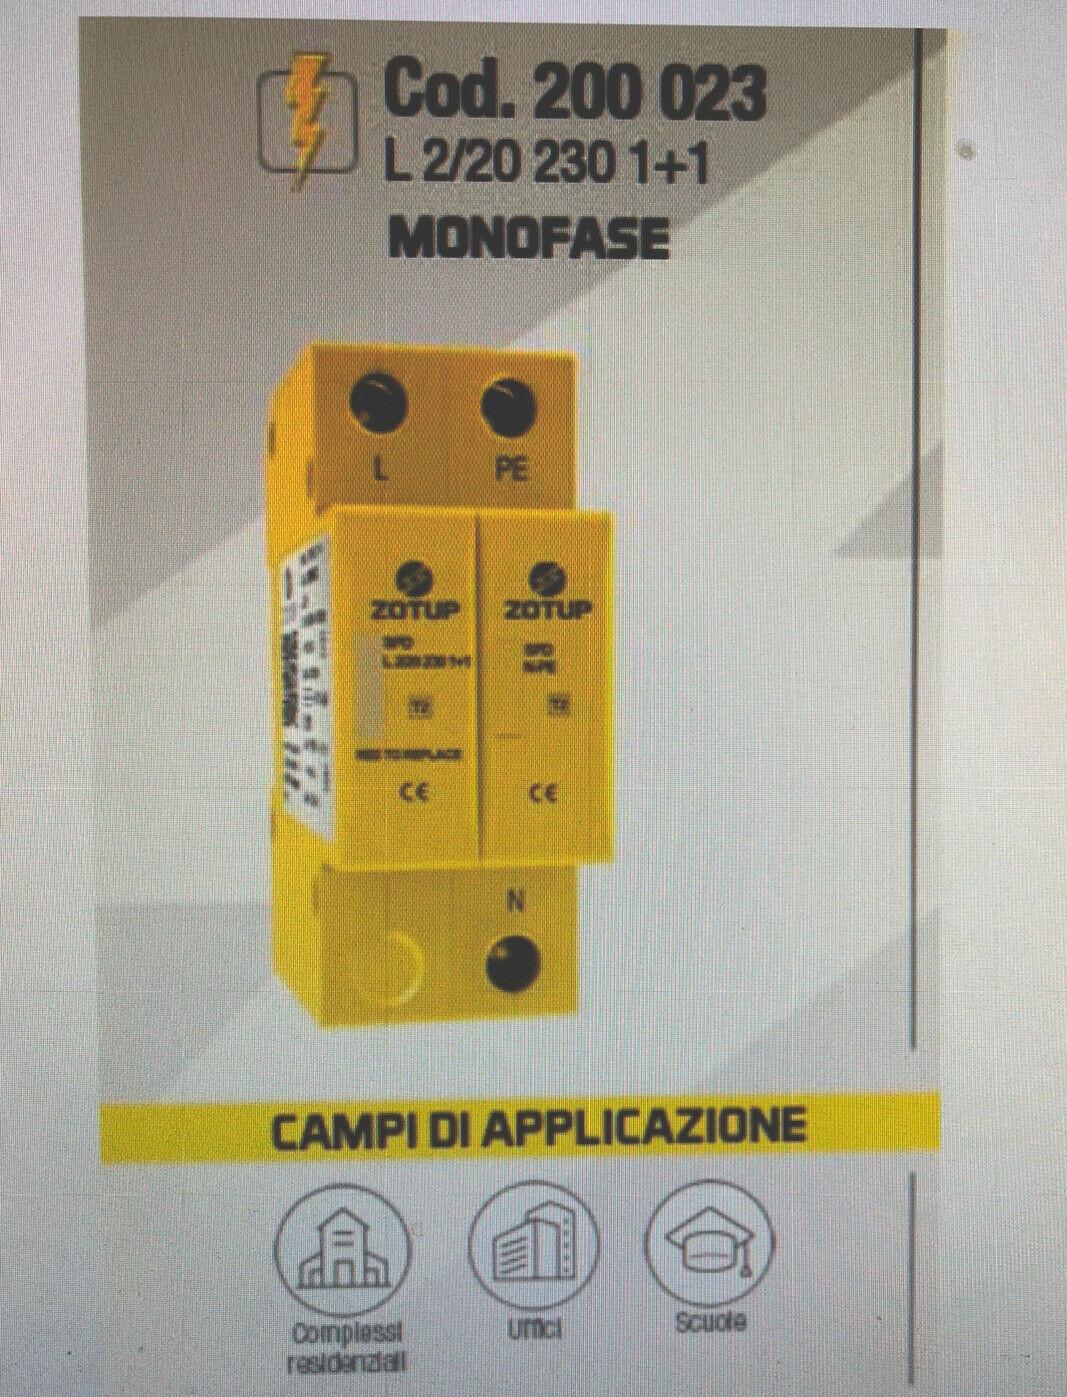 Contrade-Zotup-200023-scaricatore-di-sovratensione-per-impianto-casa-monofase-133461964612